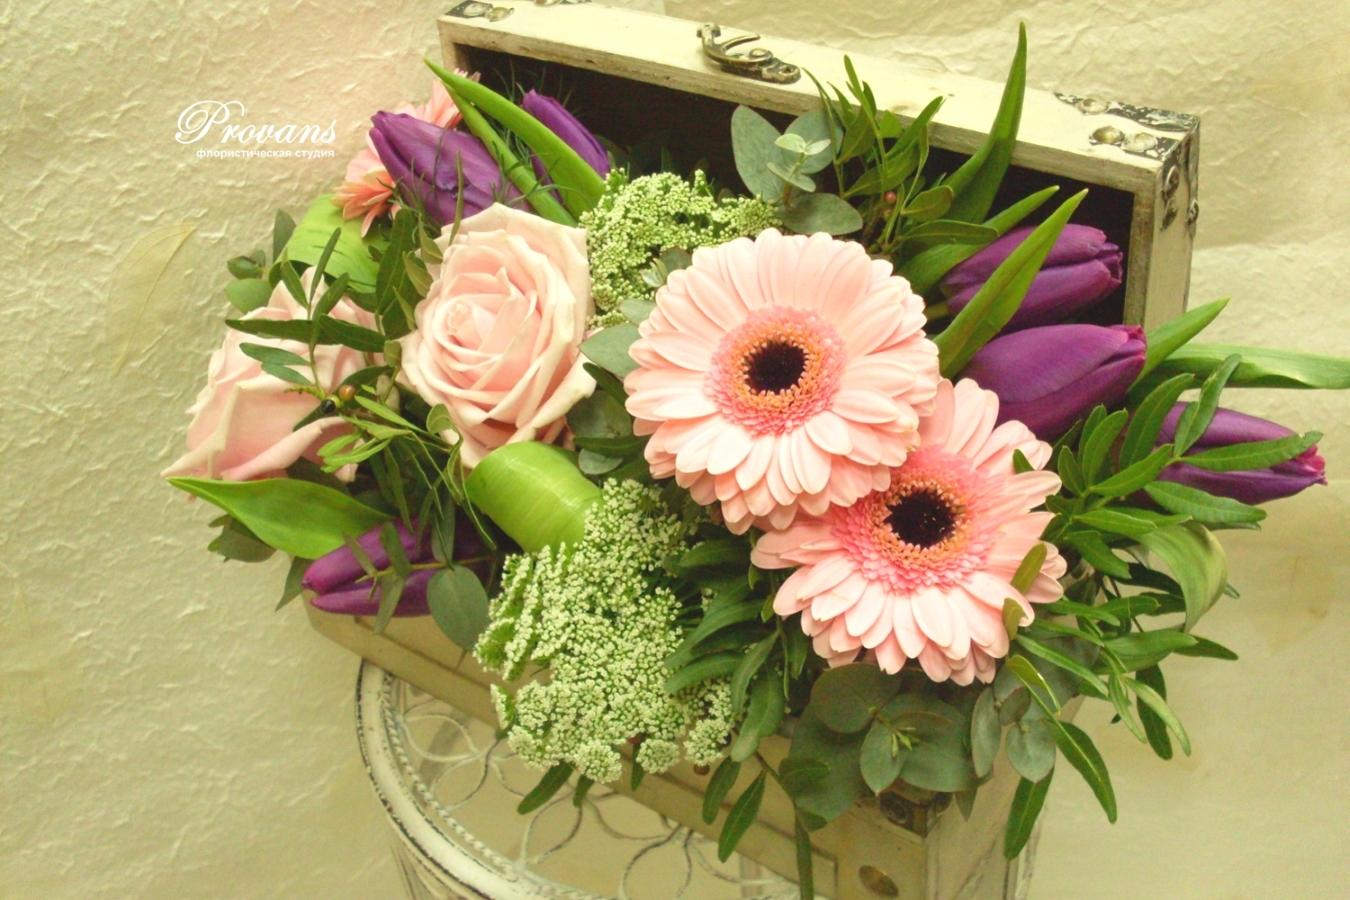 Сундучок с цветами. Герберы, тюльпаны, розы